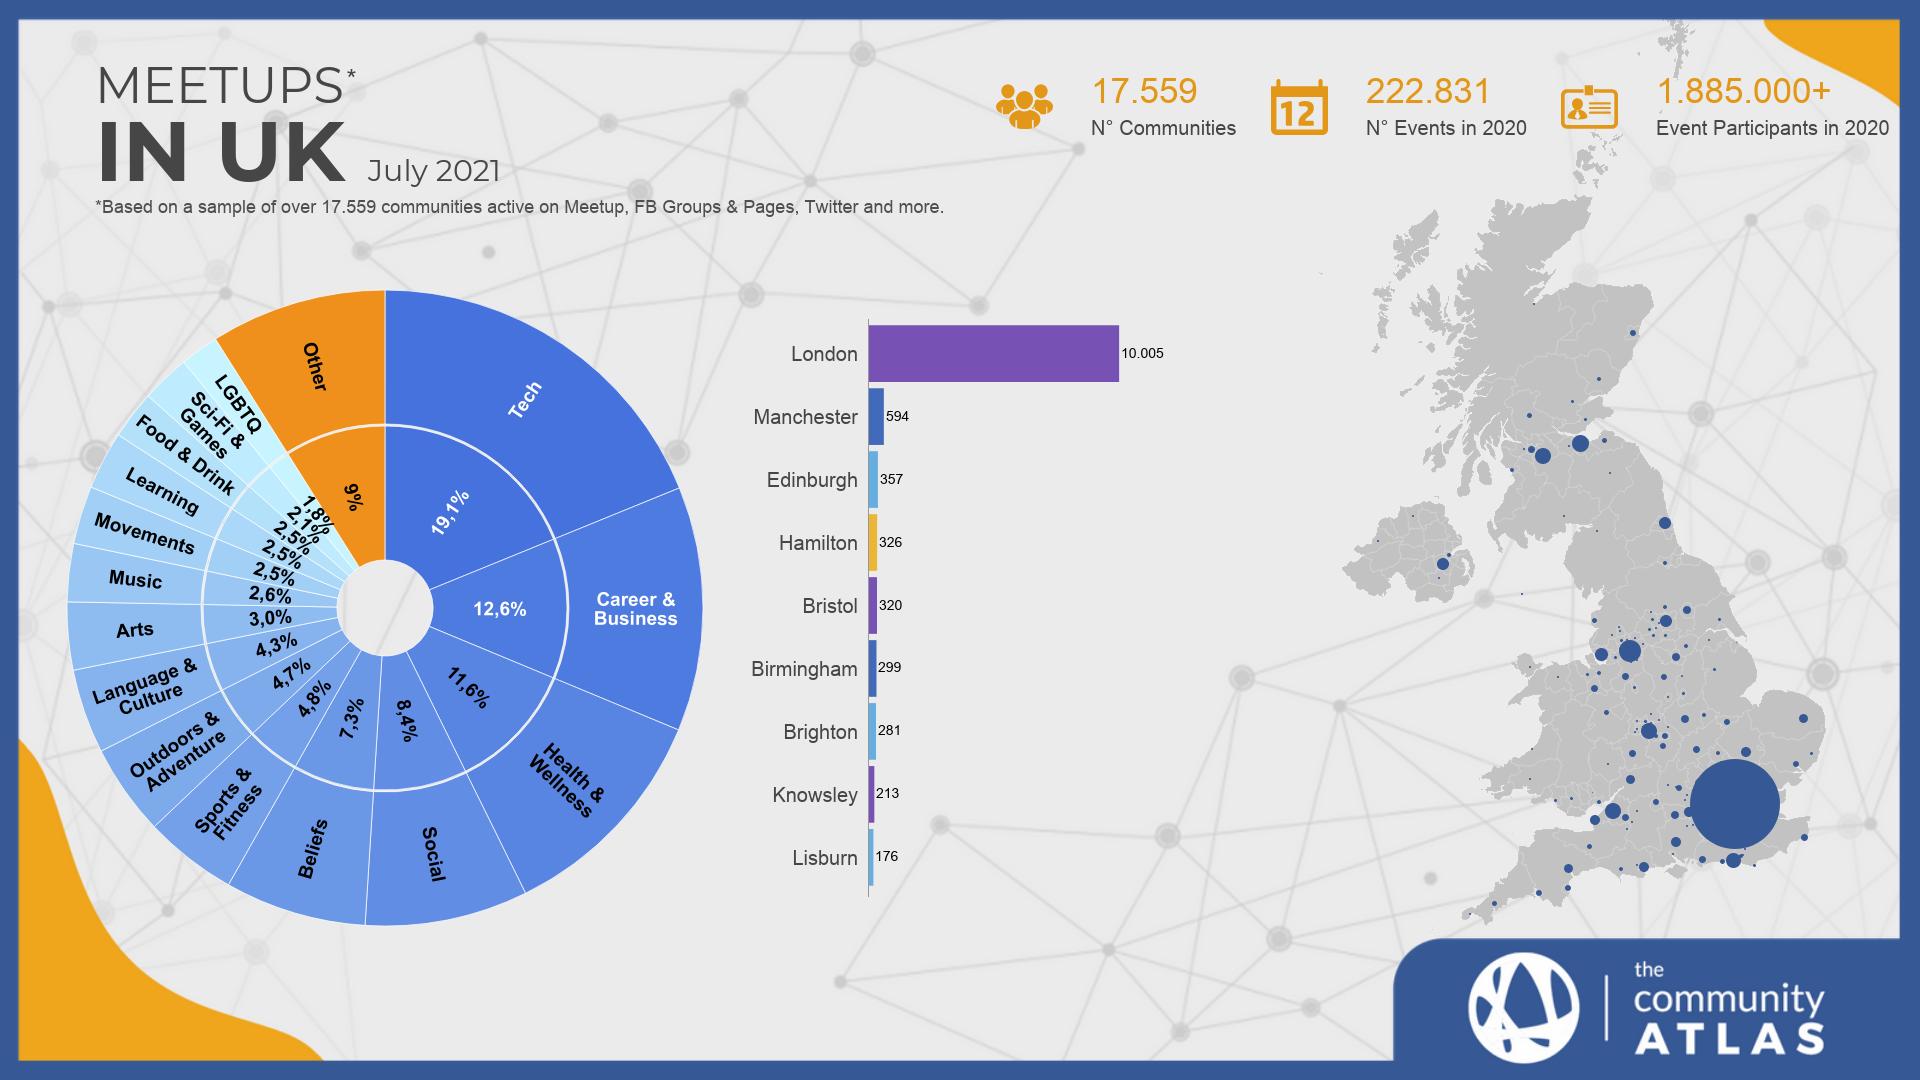 Communities in UK chart